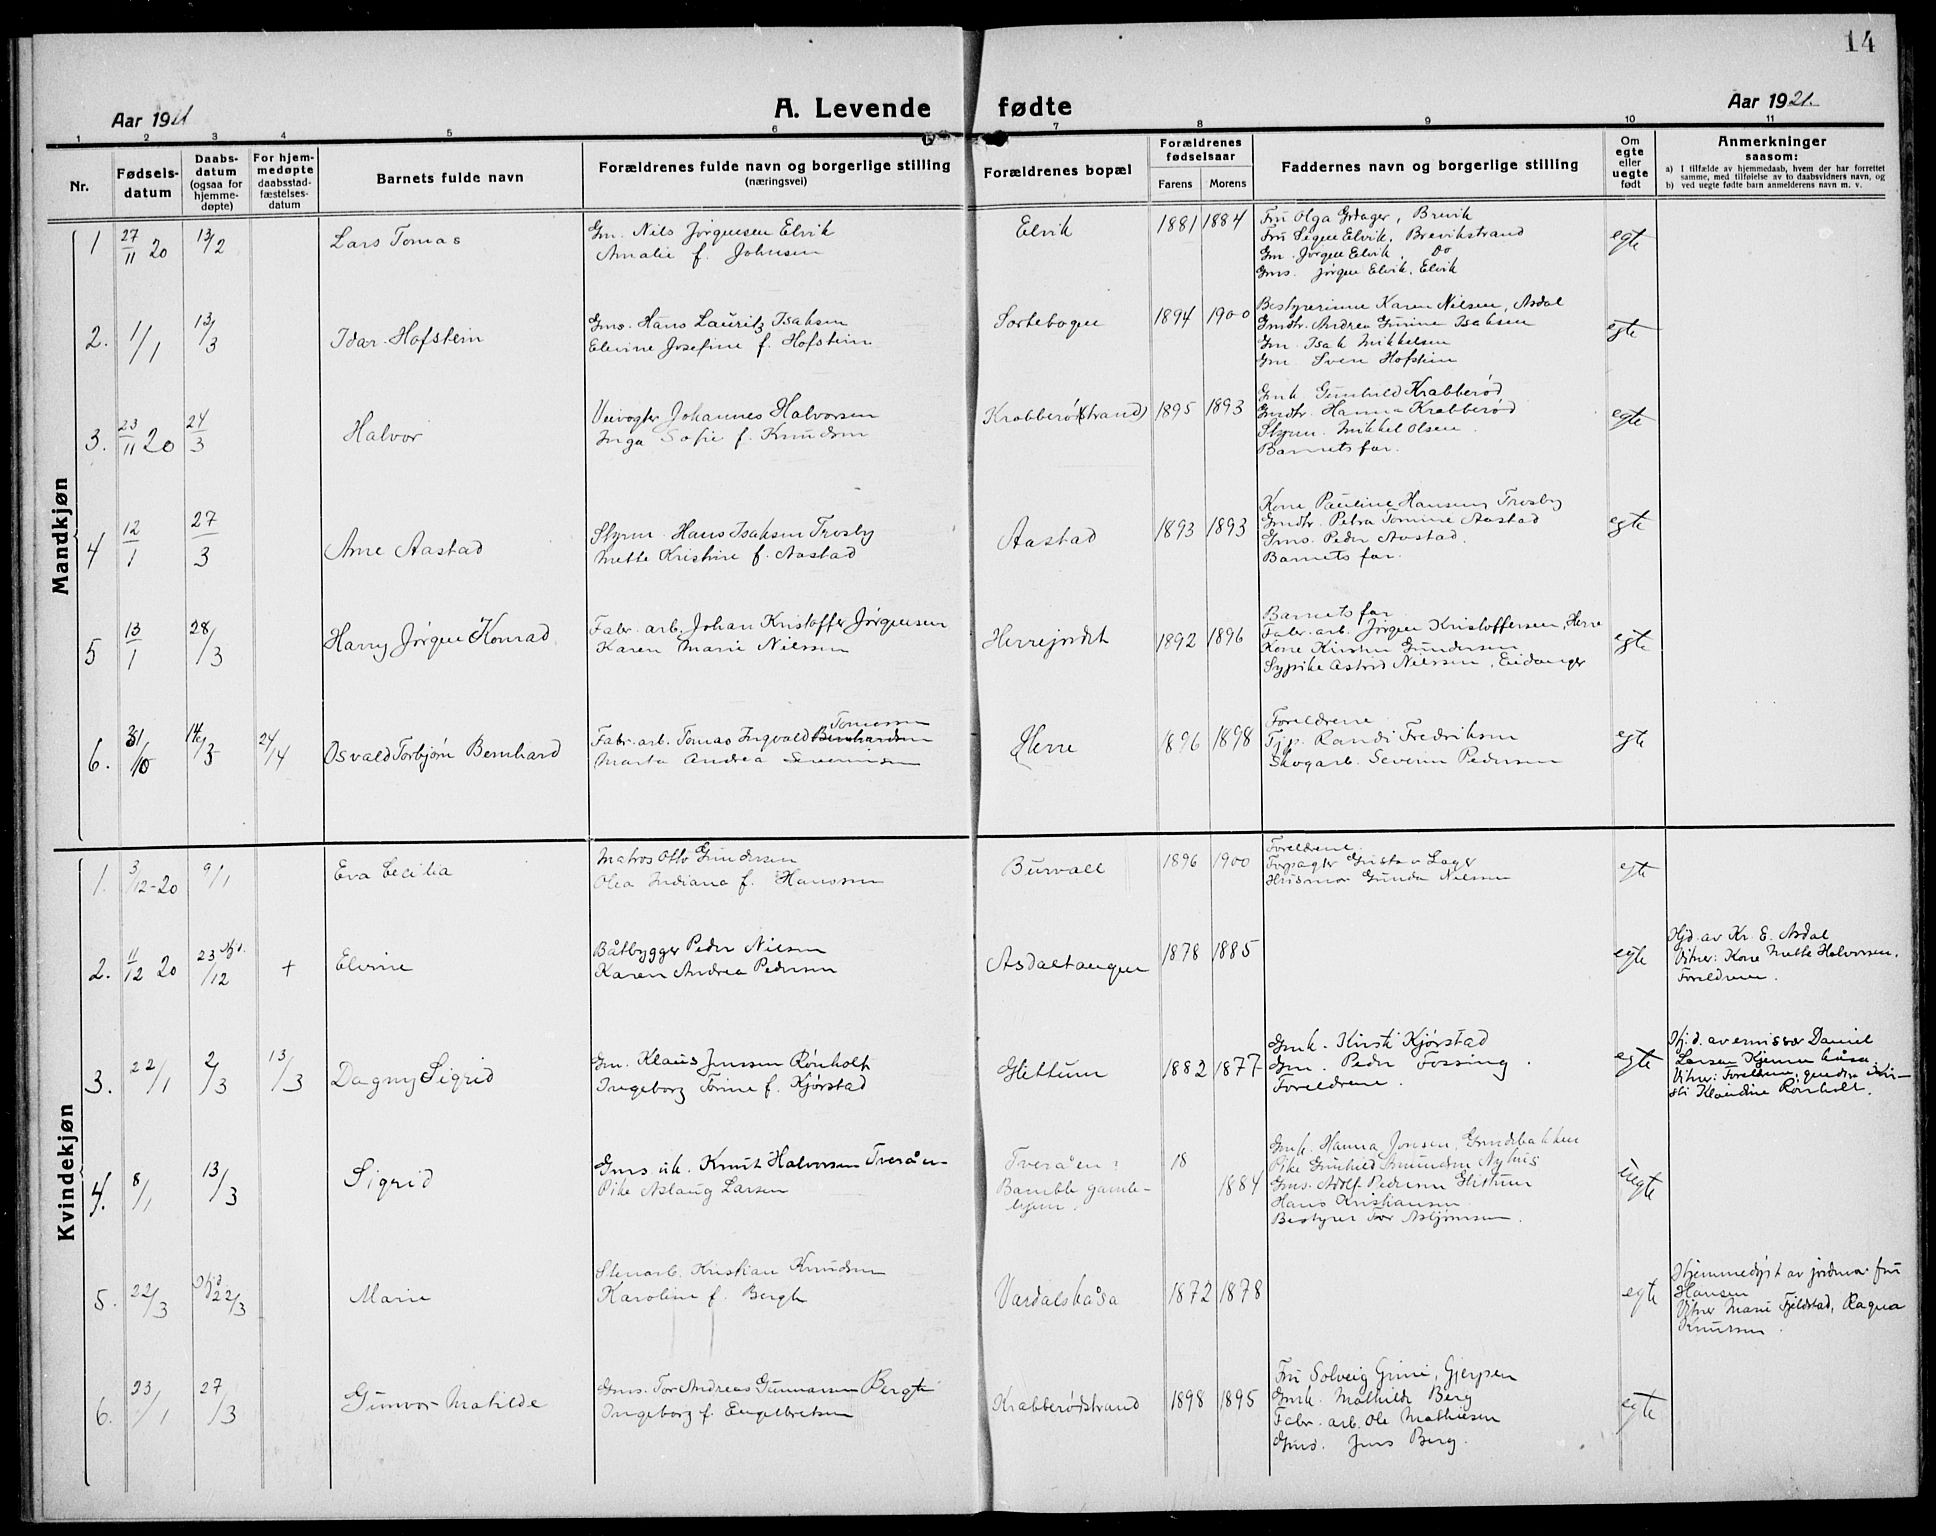 SAKO, Bamble kirkebøker, G/Ga/L0011: Klokkerbok nr. I 11, 1920-1935, s. 14